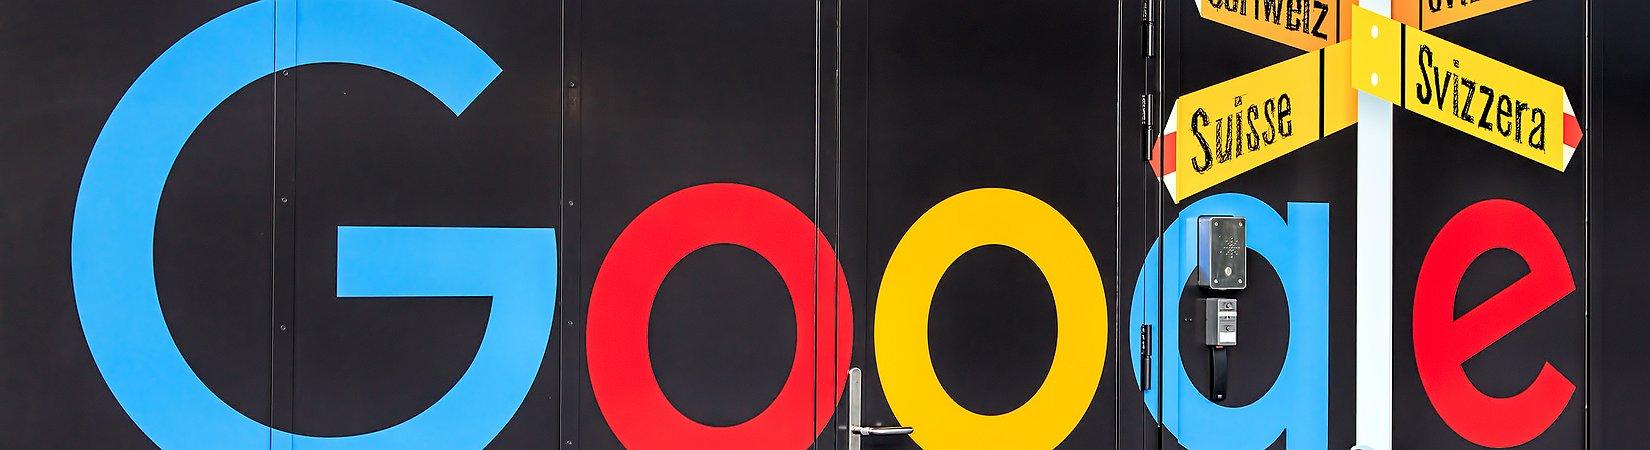 L'Ue ha multato Google per 2,4 miliardi di euro